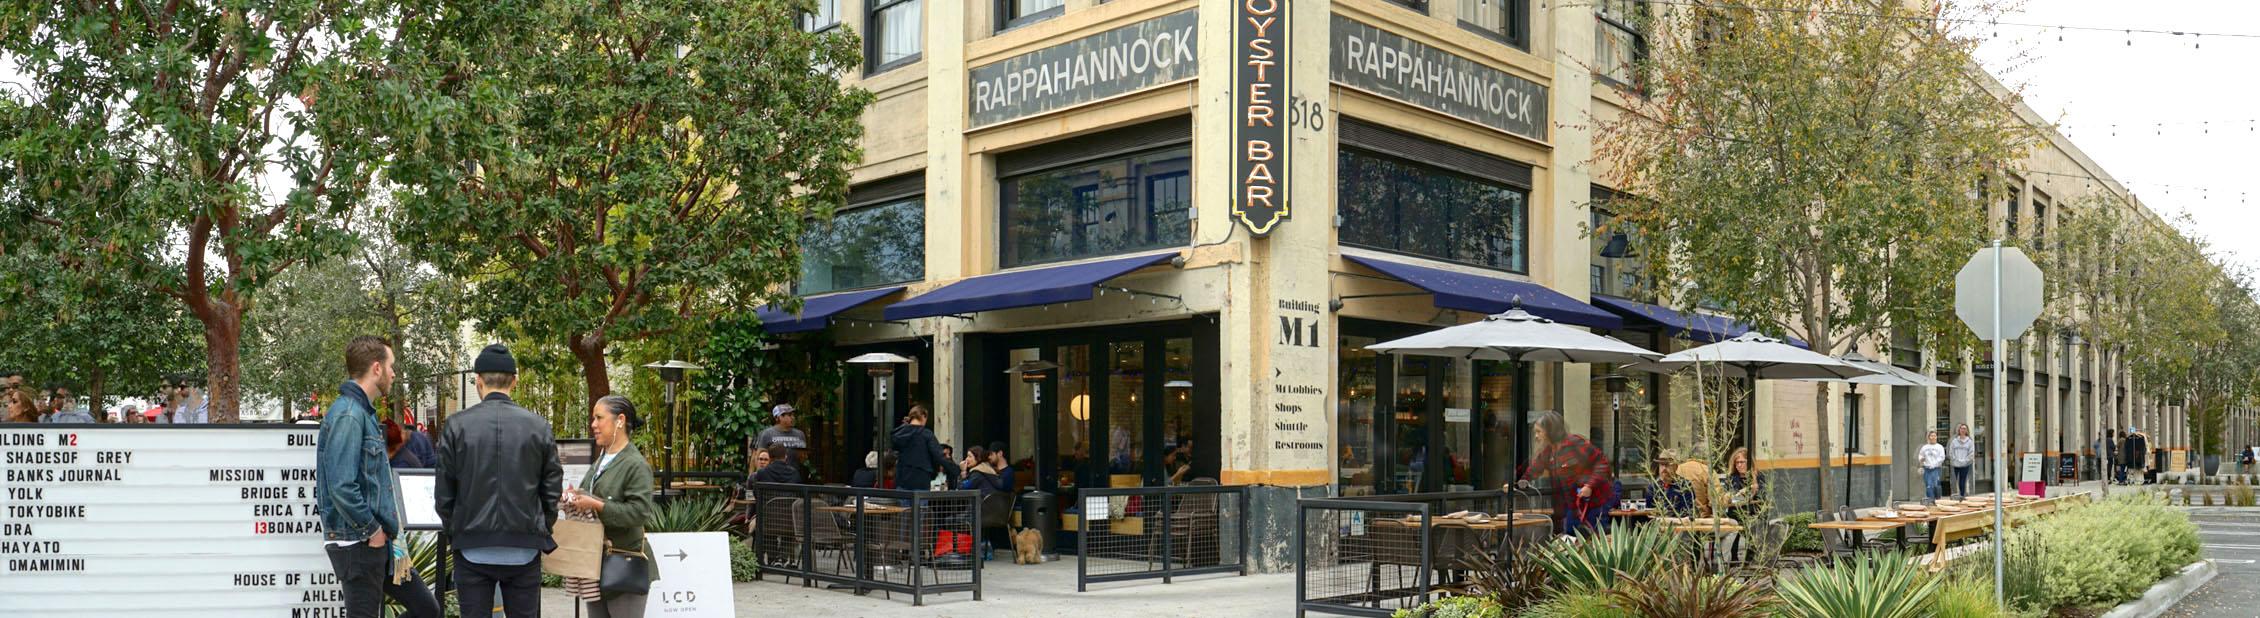 Rappahannock Oyster Bar Exterior